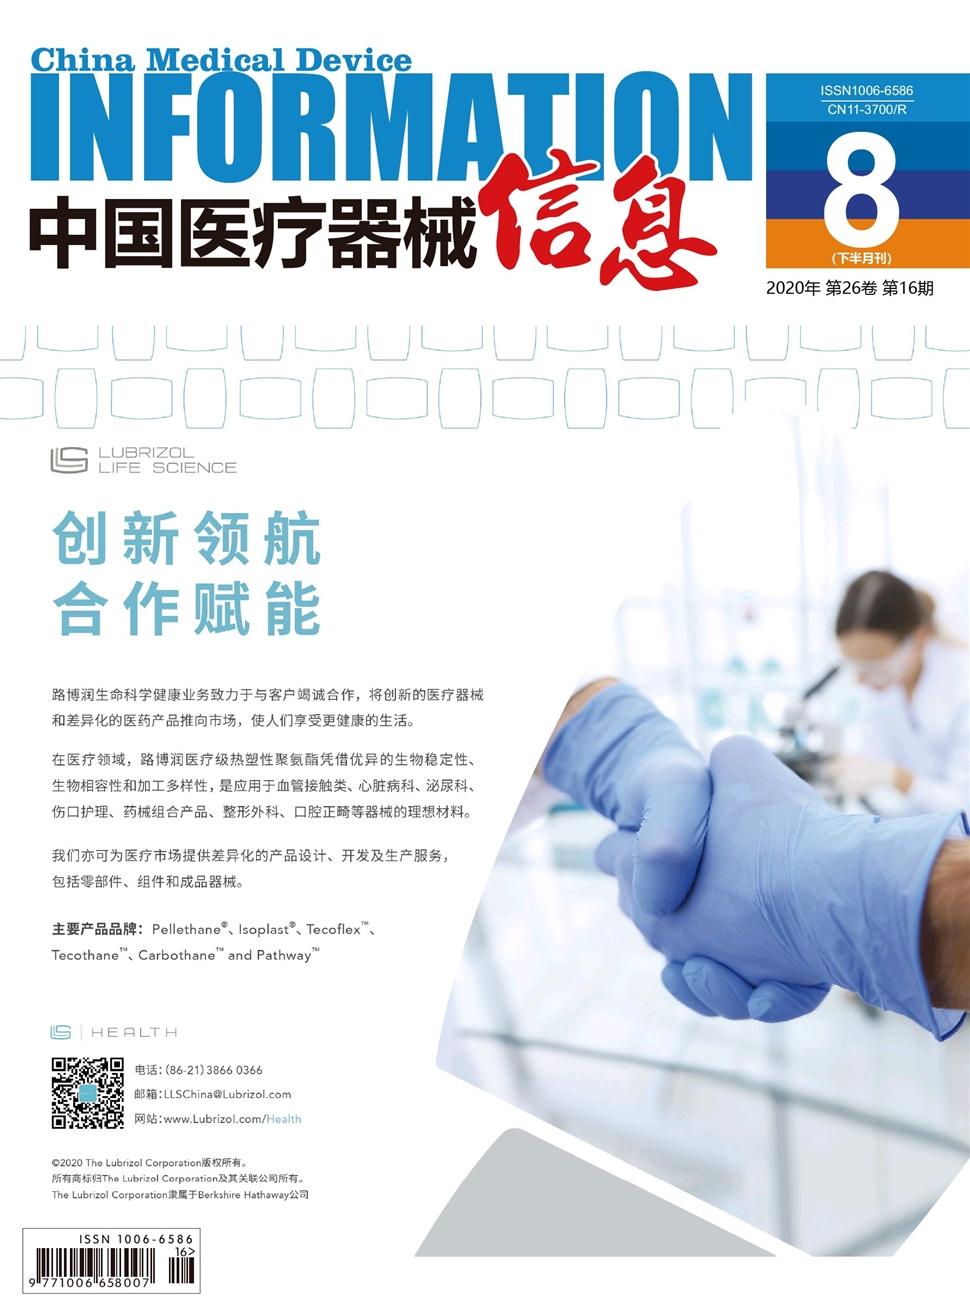 《中国医疗器械信息》